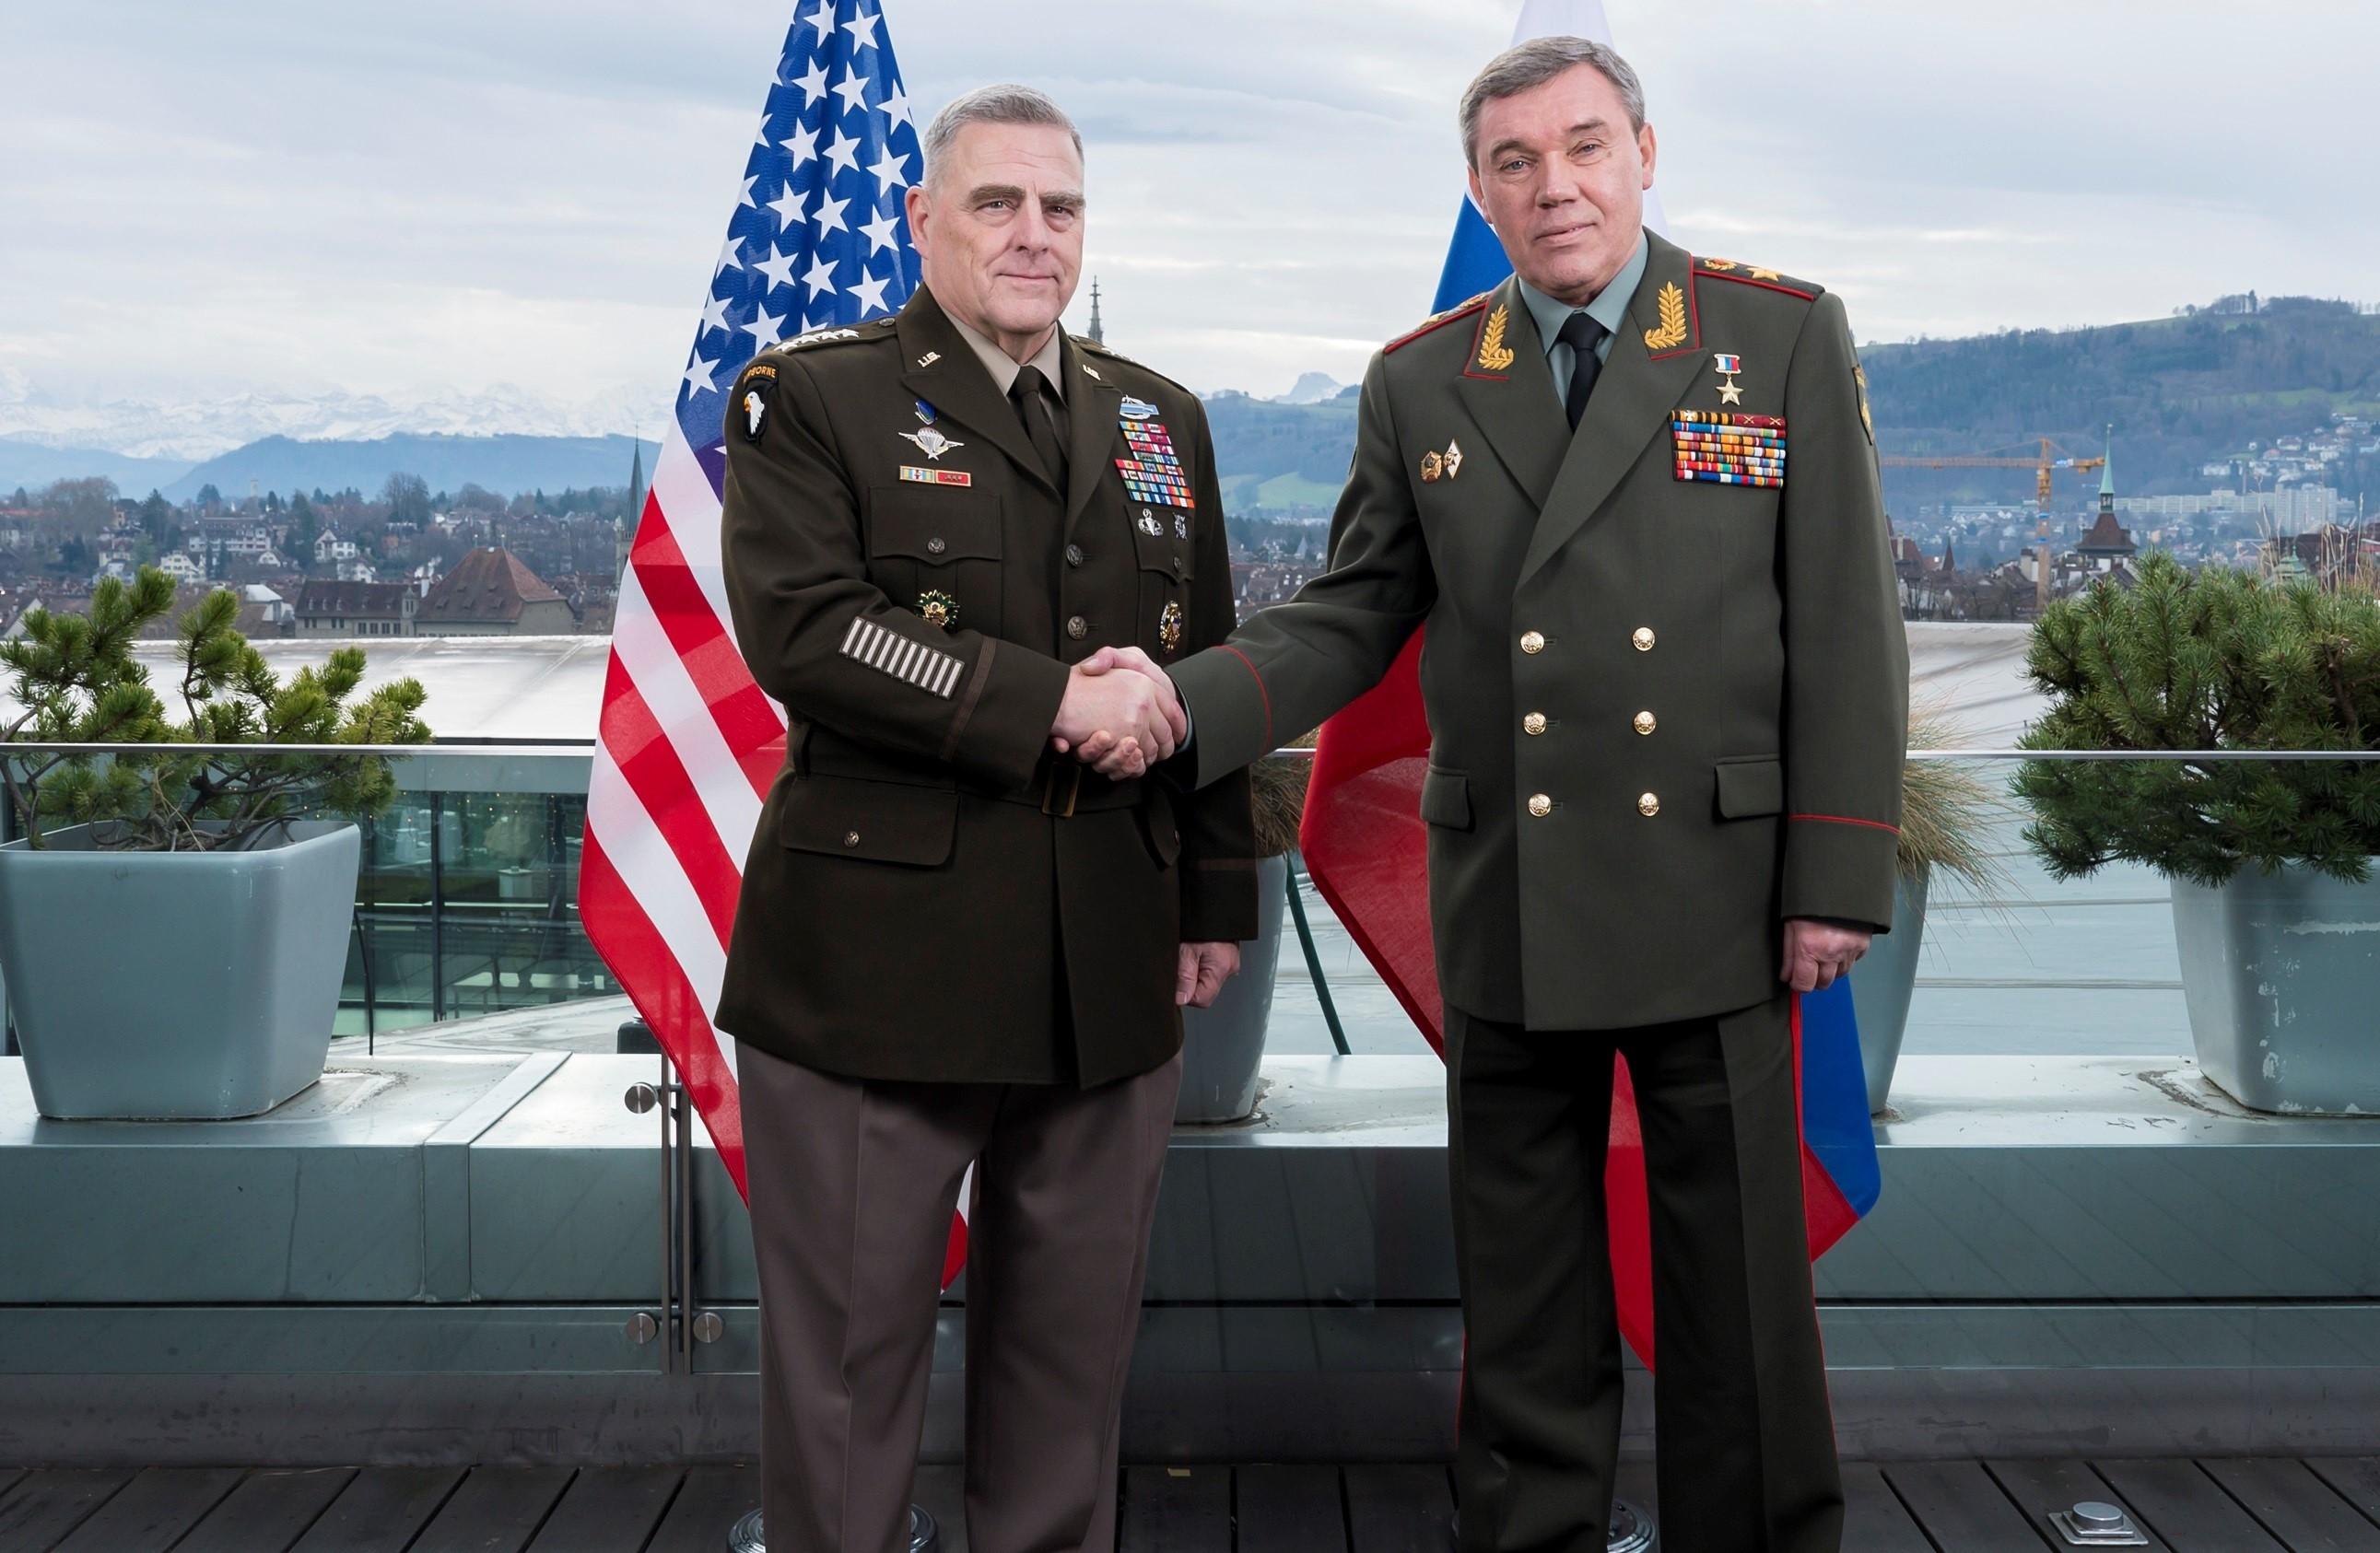 СМИ: главы генштабов РФ и США обсуждали базы близ Афганистана